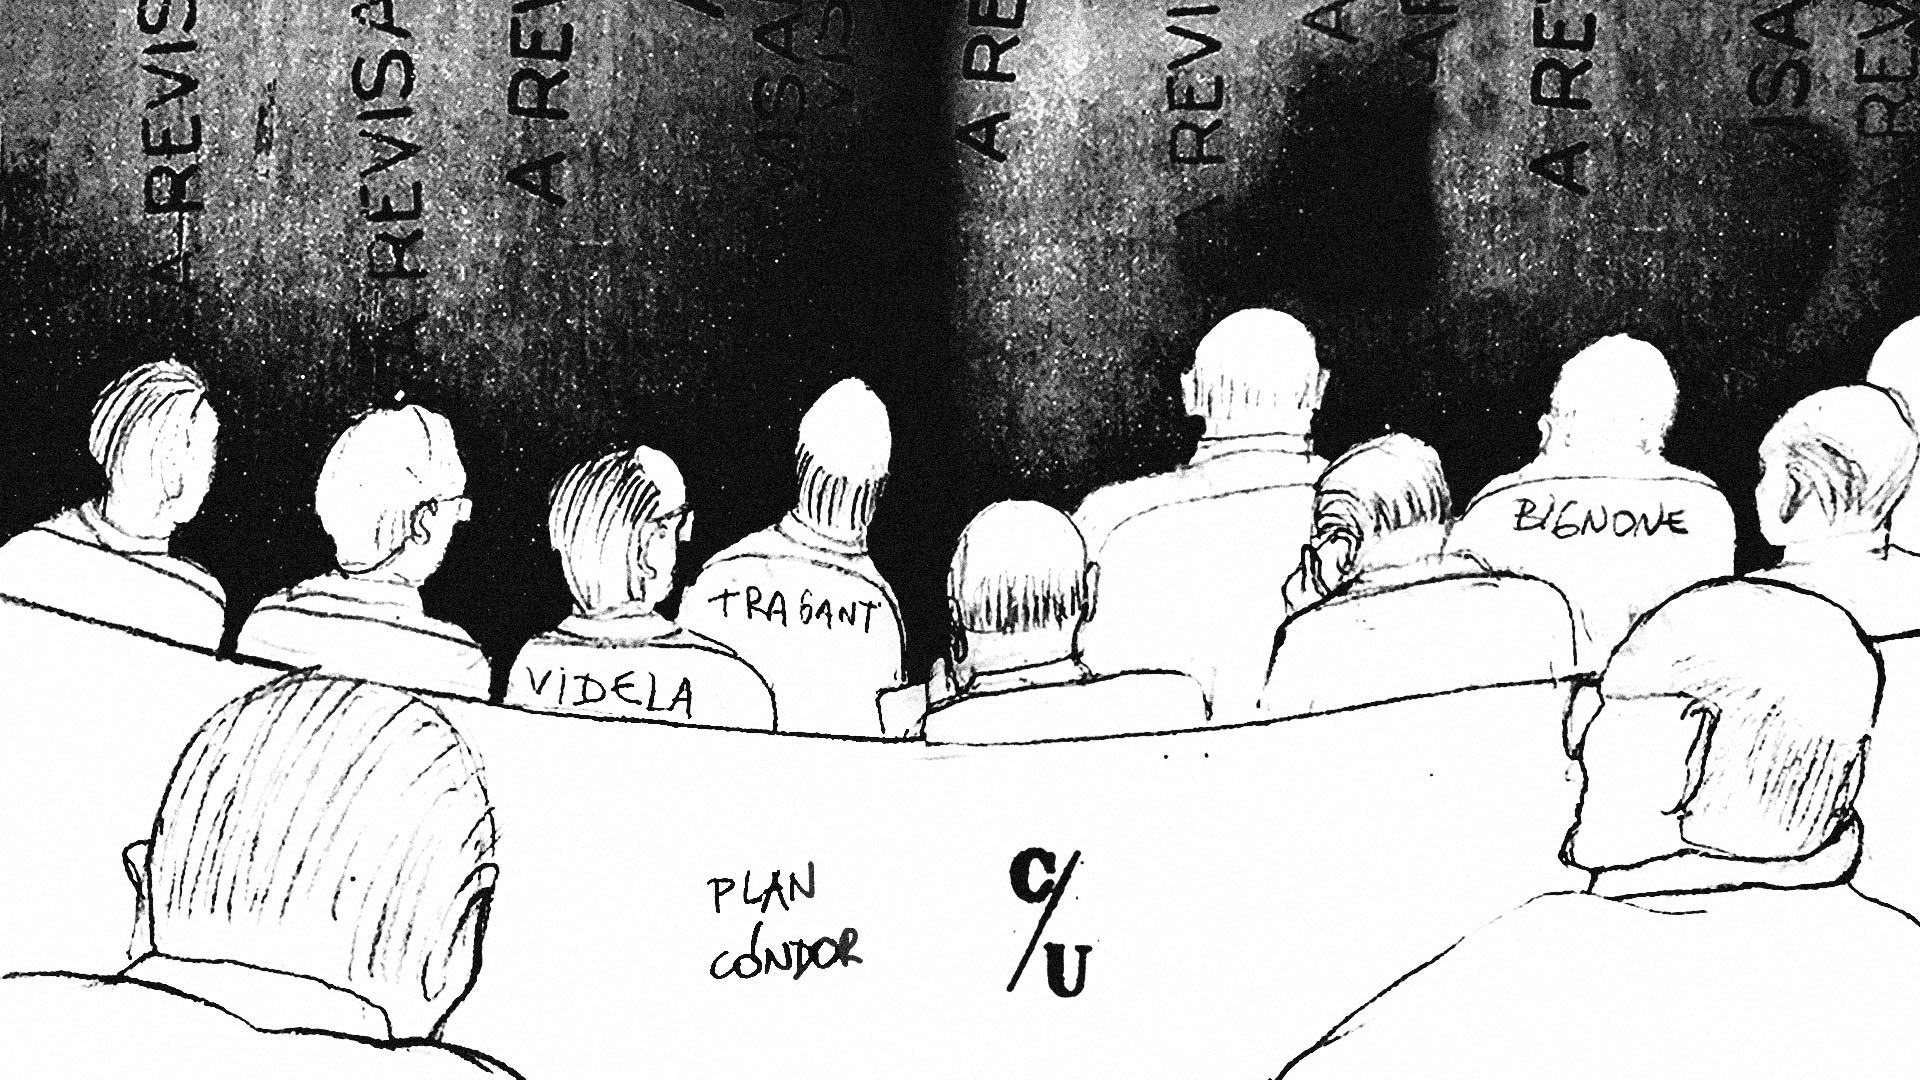 Qué hace una dibujante en los juicios de lesa humanidad_01Port